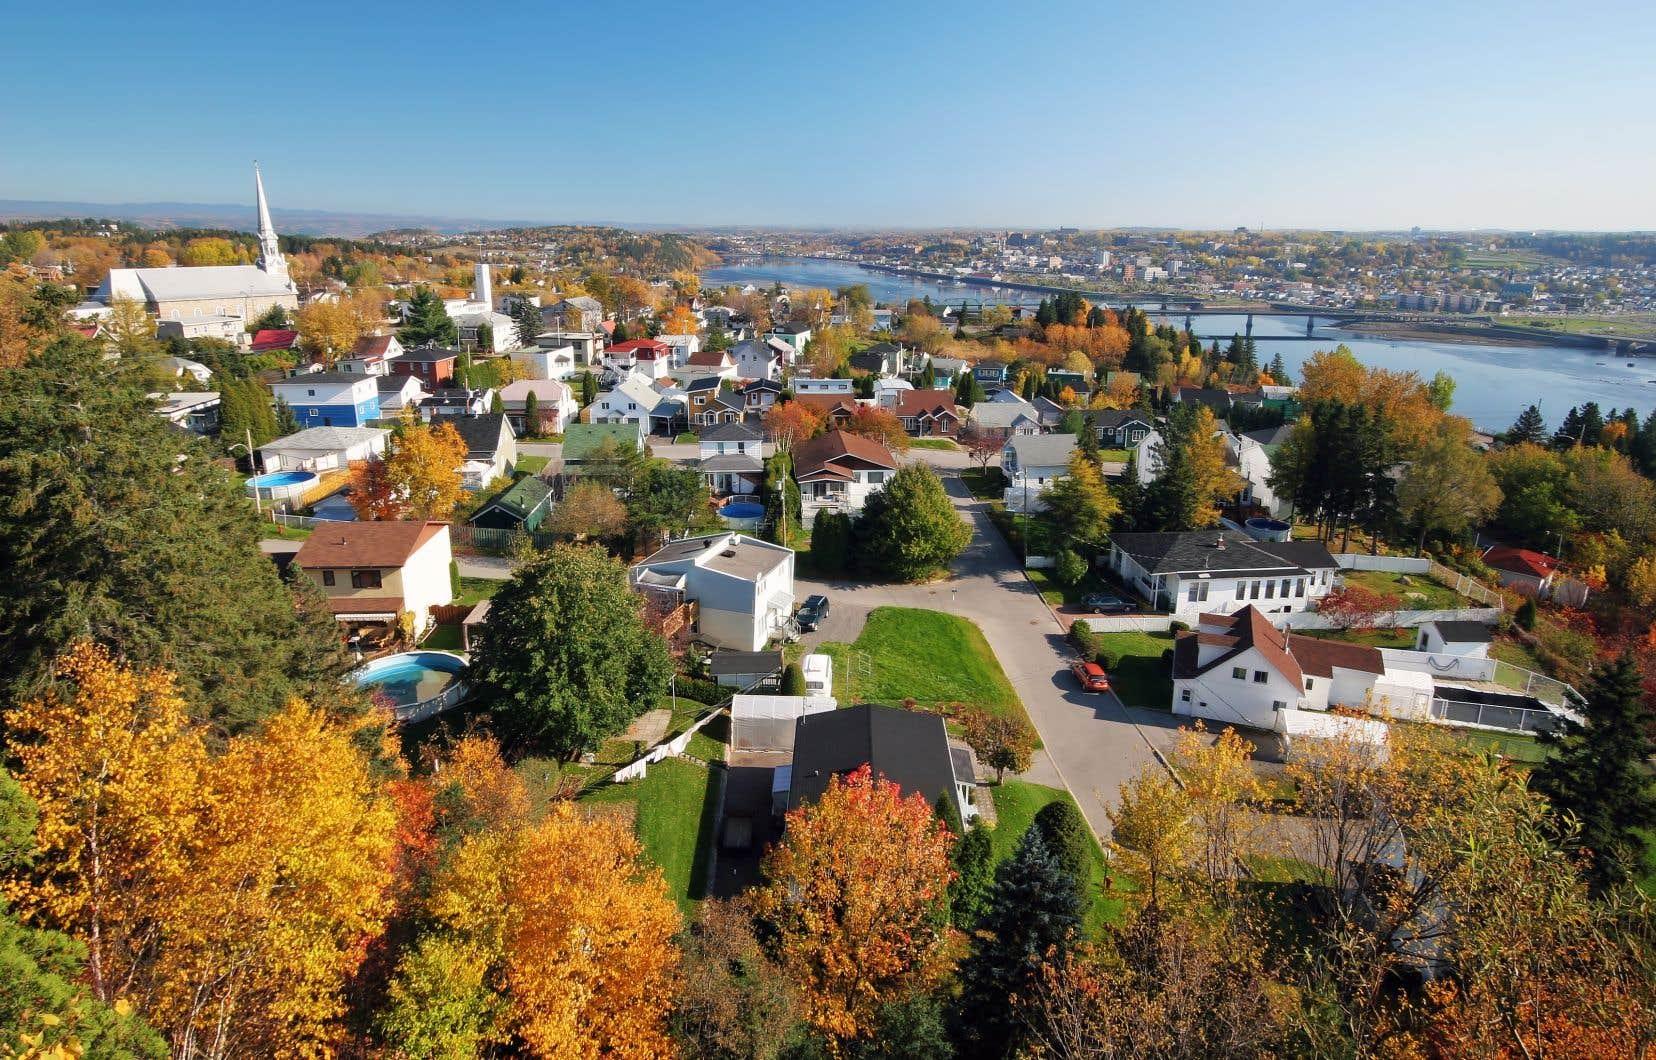 «Le système hypercentralisé qu'est devenue la gouvernance de l'État québécois doit être inversé», affirme l'auteur.